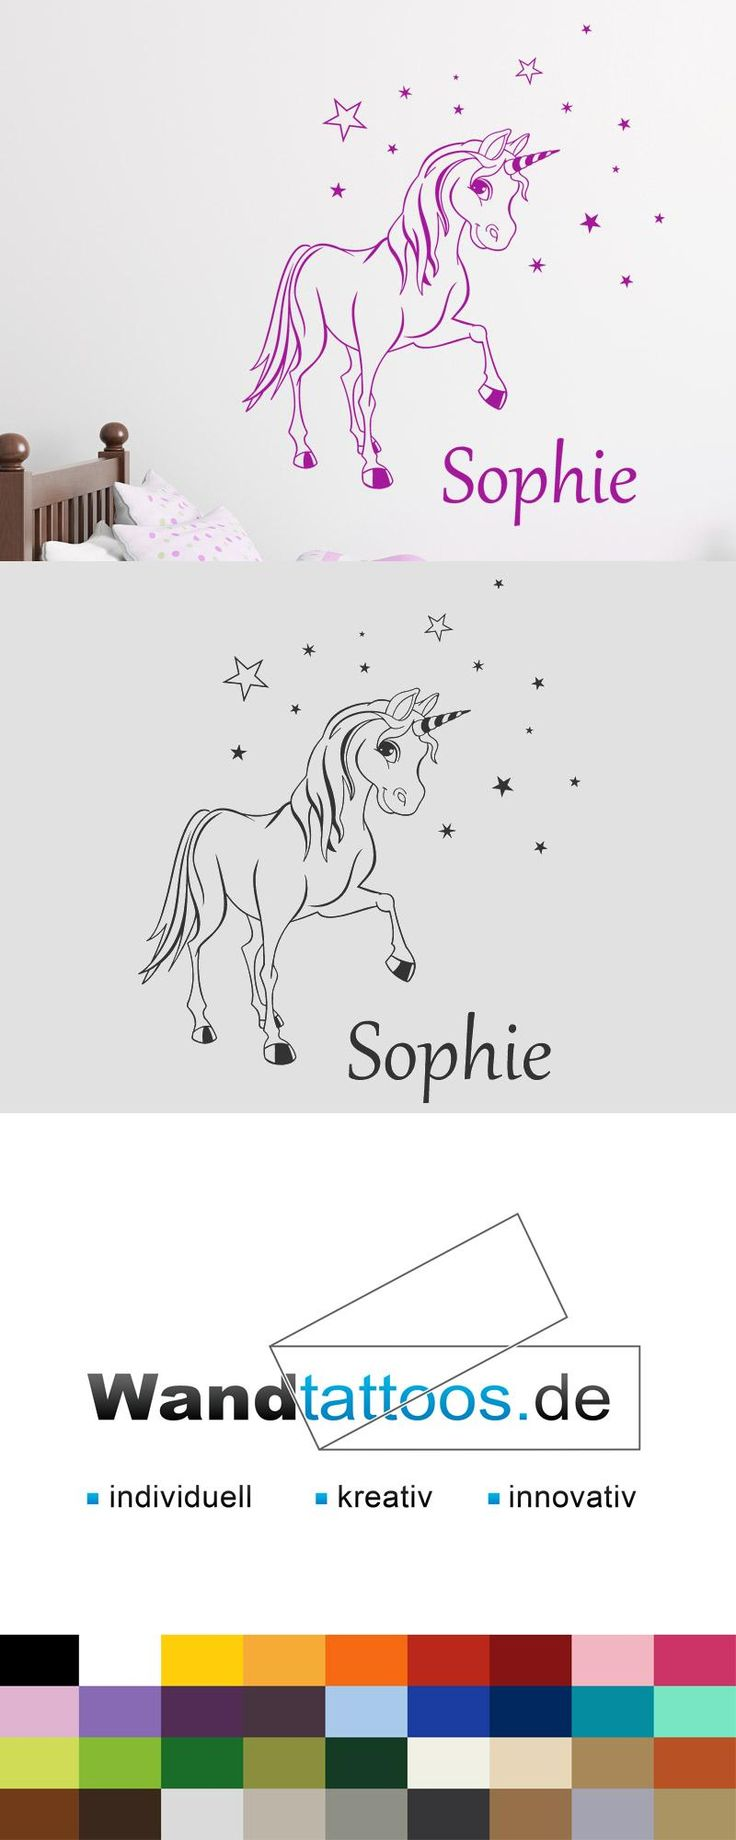 Wandtattoo Zauber Pony mit Wunschname als Idee zur individuellen Wandgestaltung. Einfach Lieblingsfarbe und Größe auswählen. Weitere kreative Anregungen von Wandtattoos.de hier entdecken!